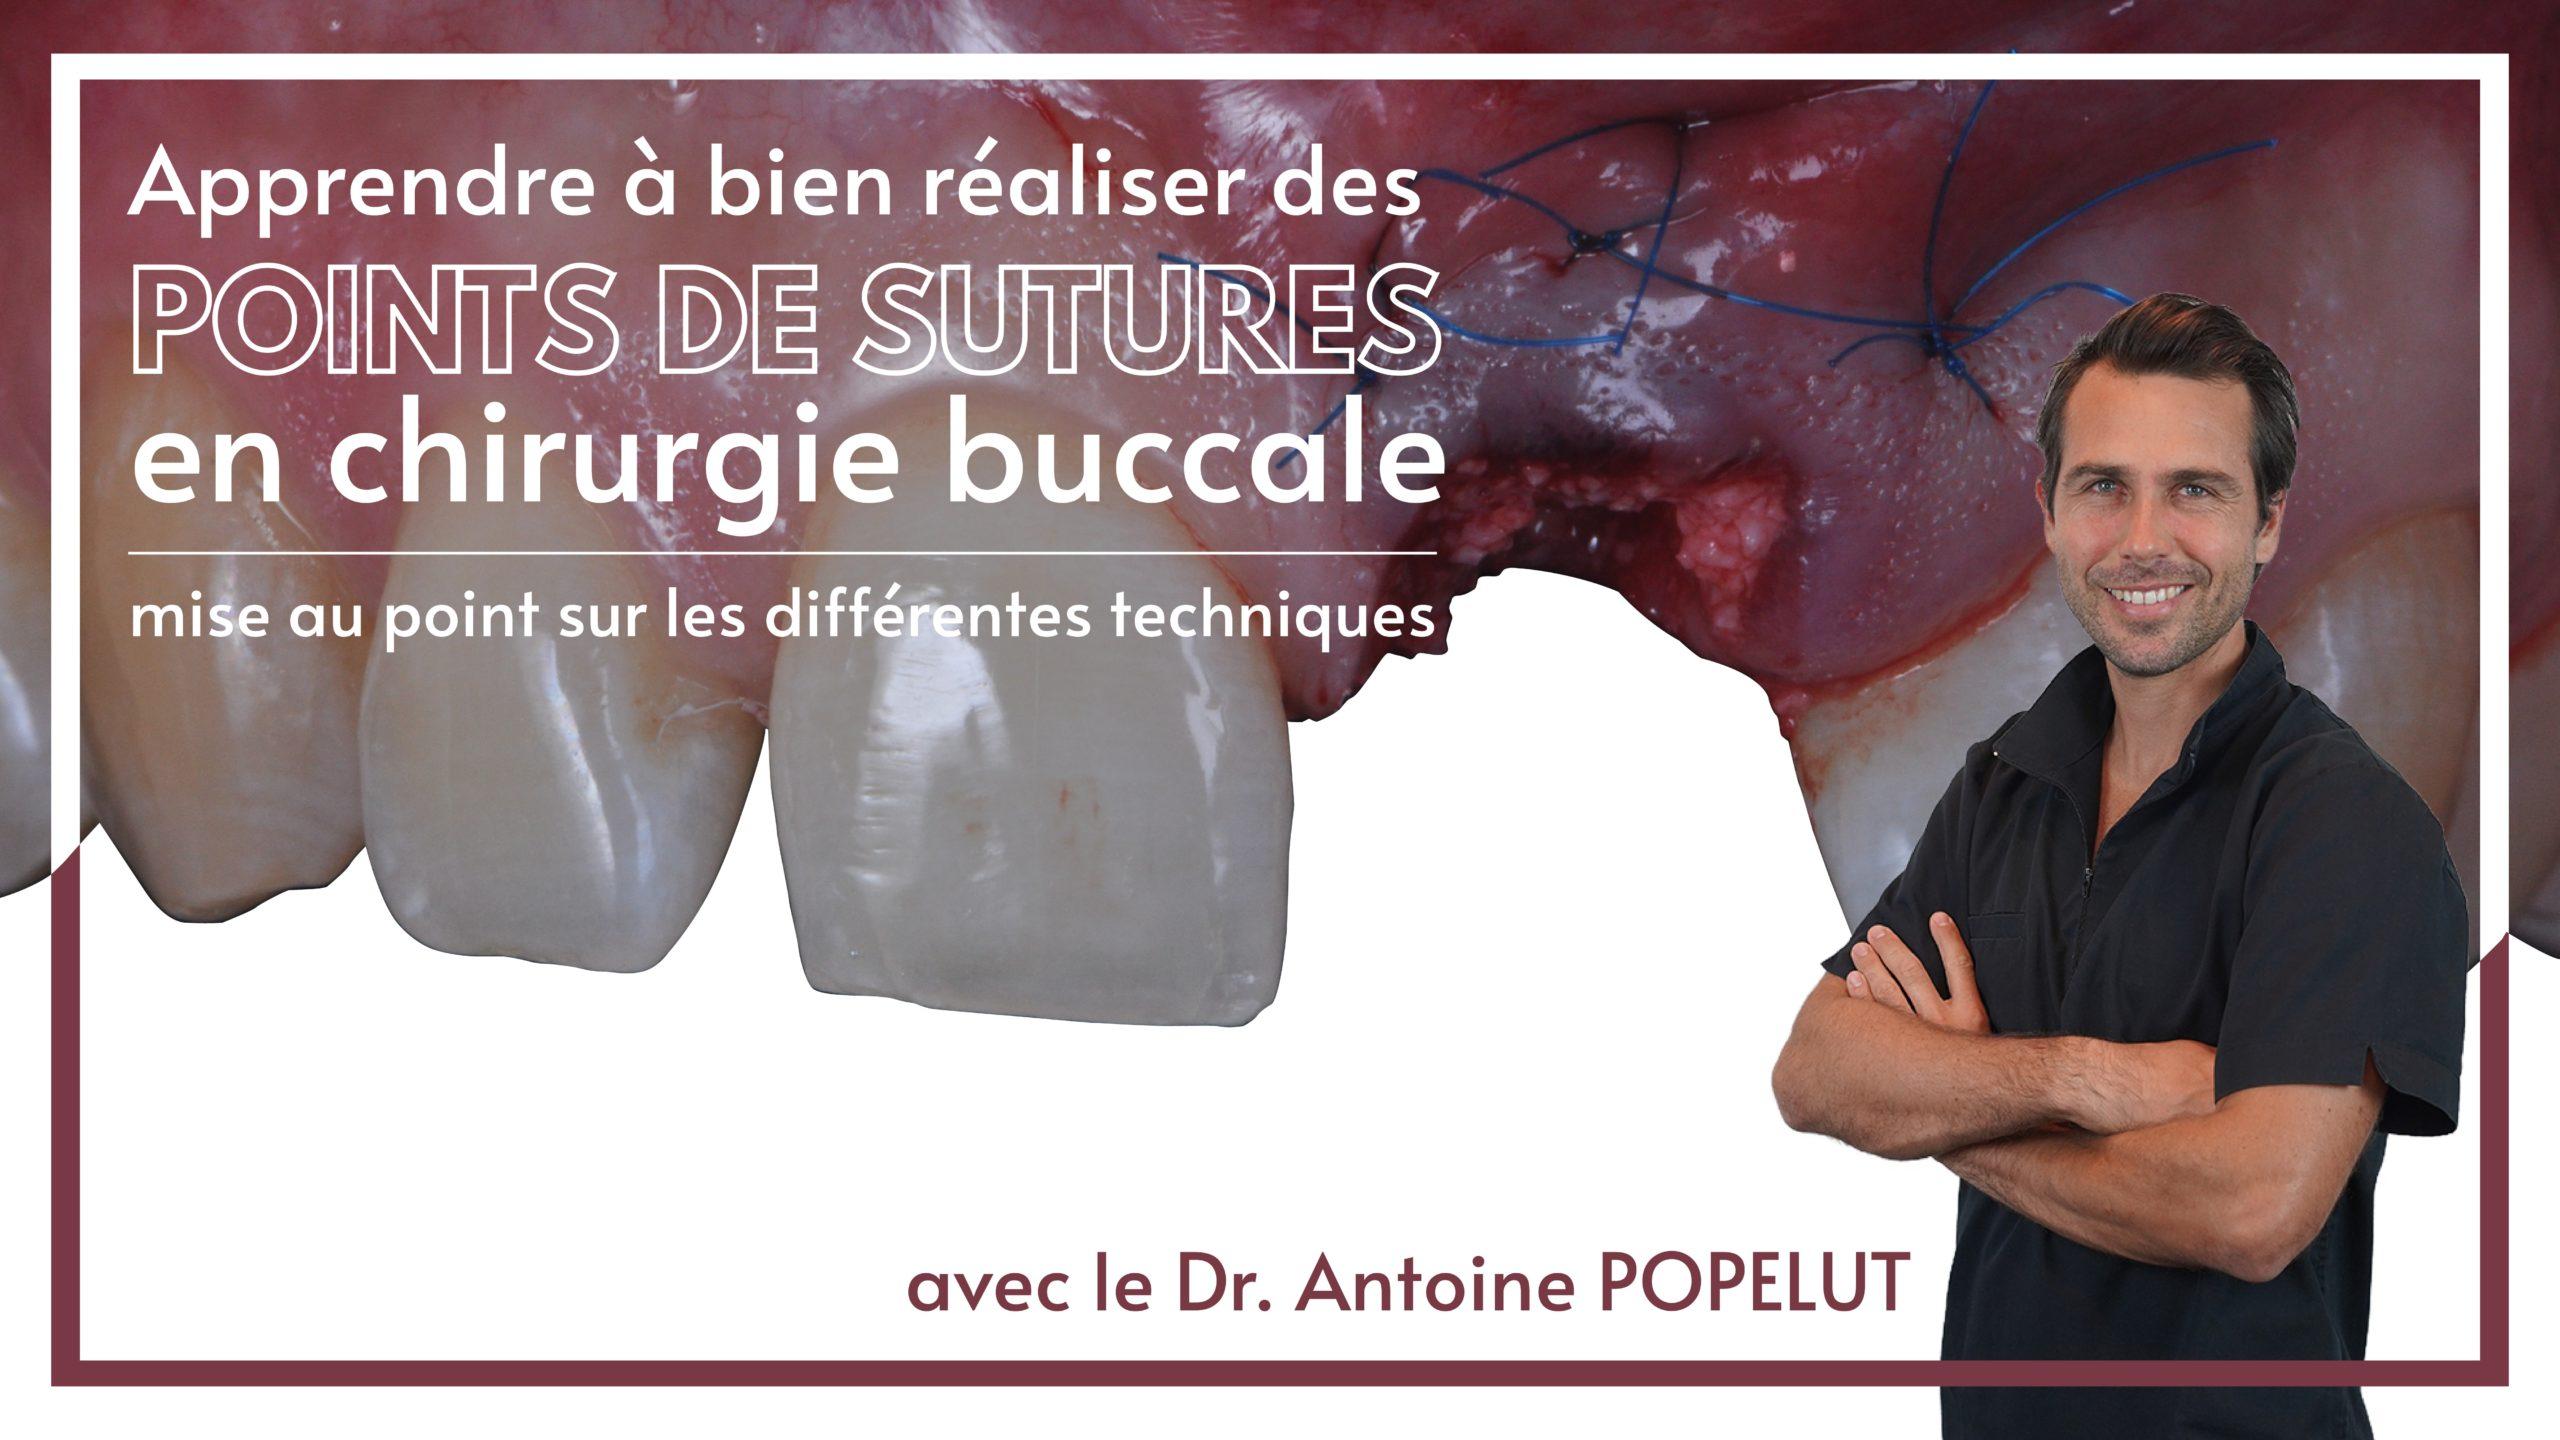 Bien réaliser des sutures en dentaire